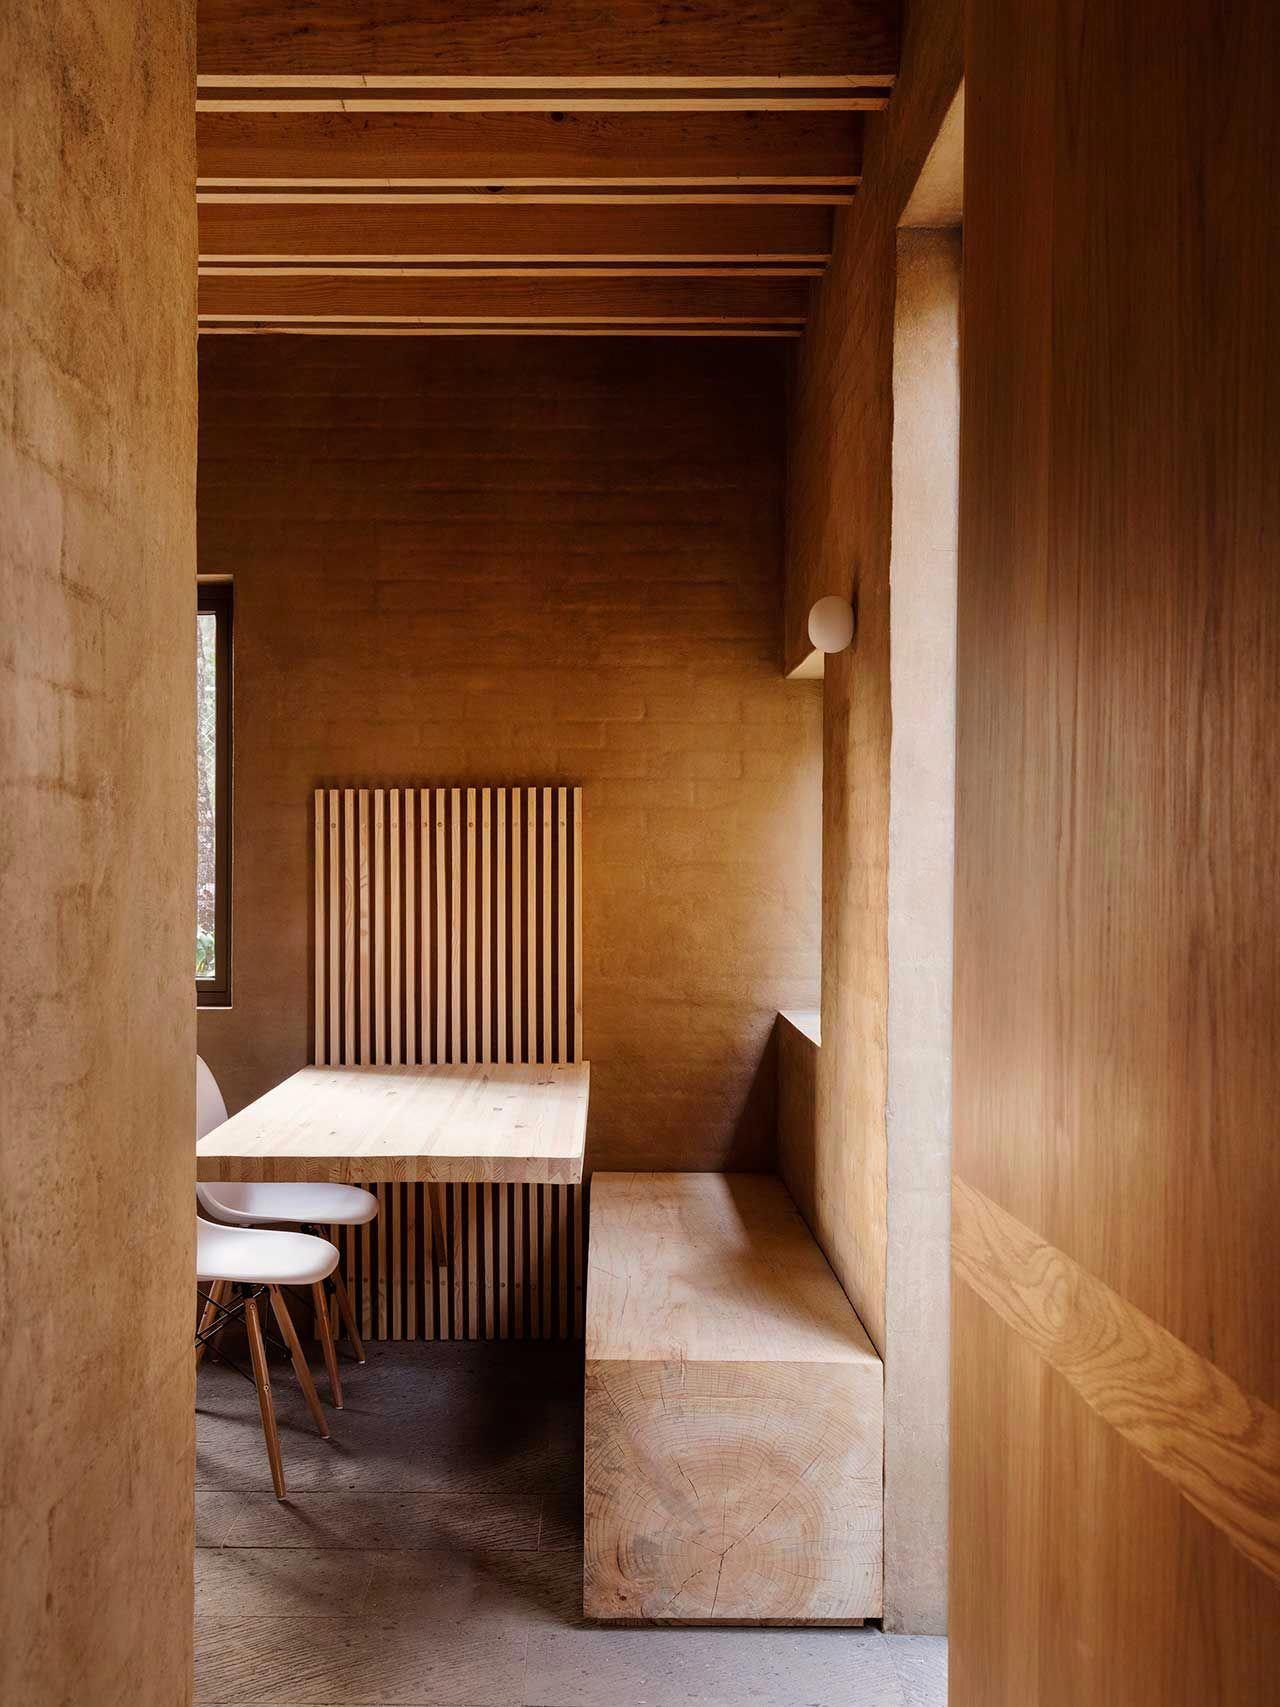 Photo rory gardiner sweet home make interior decoration design ideas also rh in pinterest